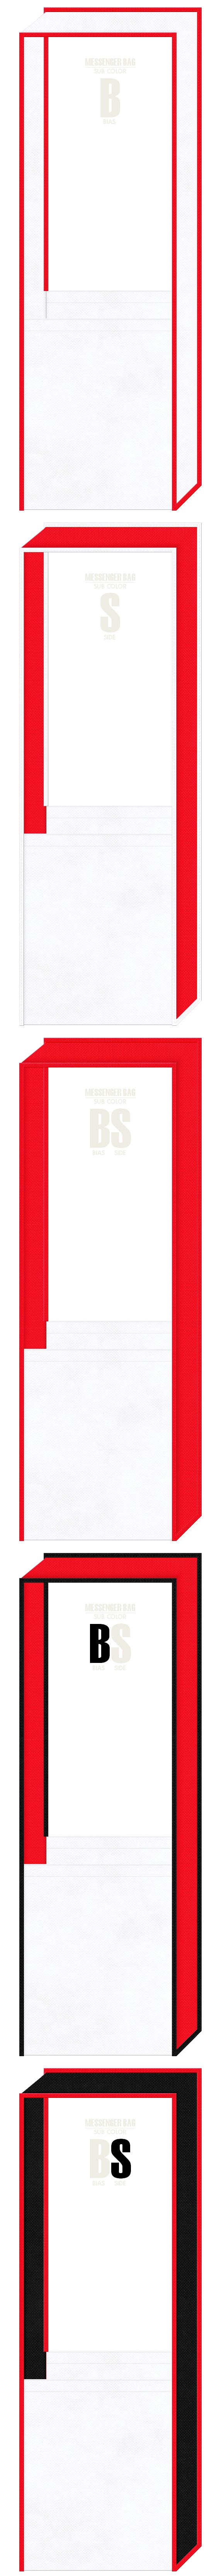 スポーツイベントにお奨め:白色・赤色・黒色の3色を使用した、不織布メッセンジャーバッグのデザイン